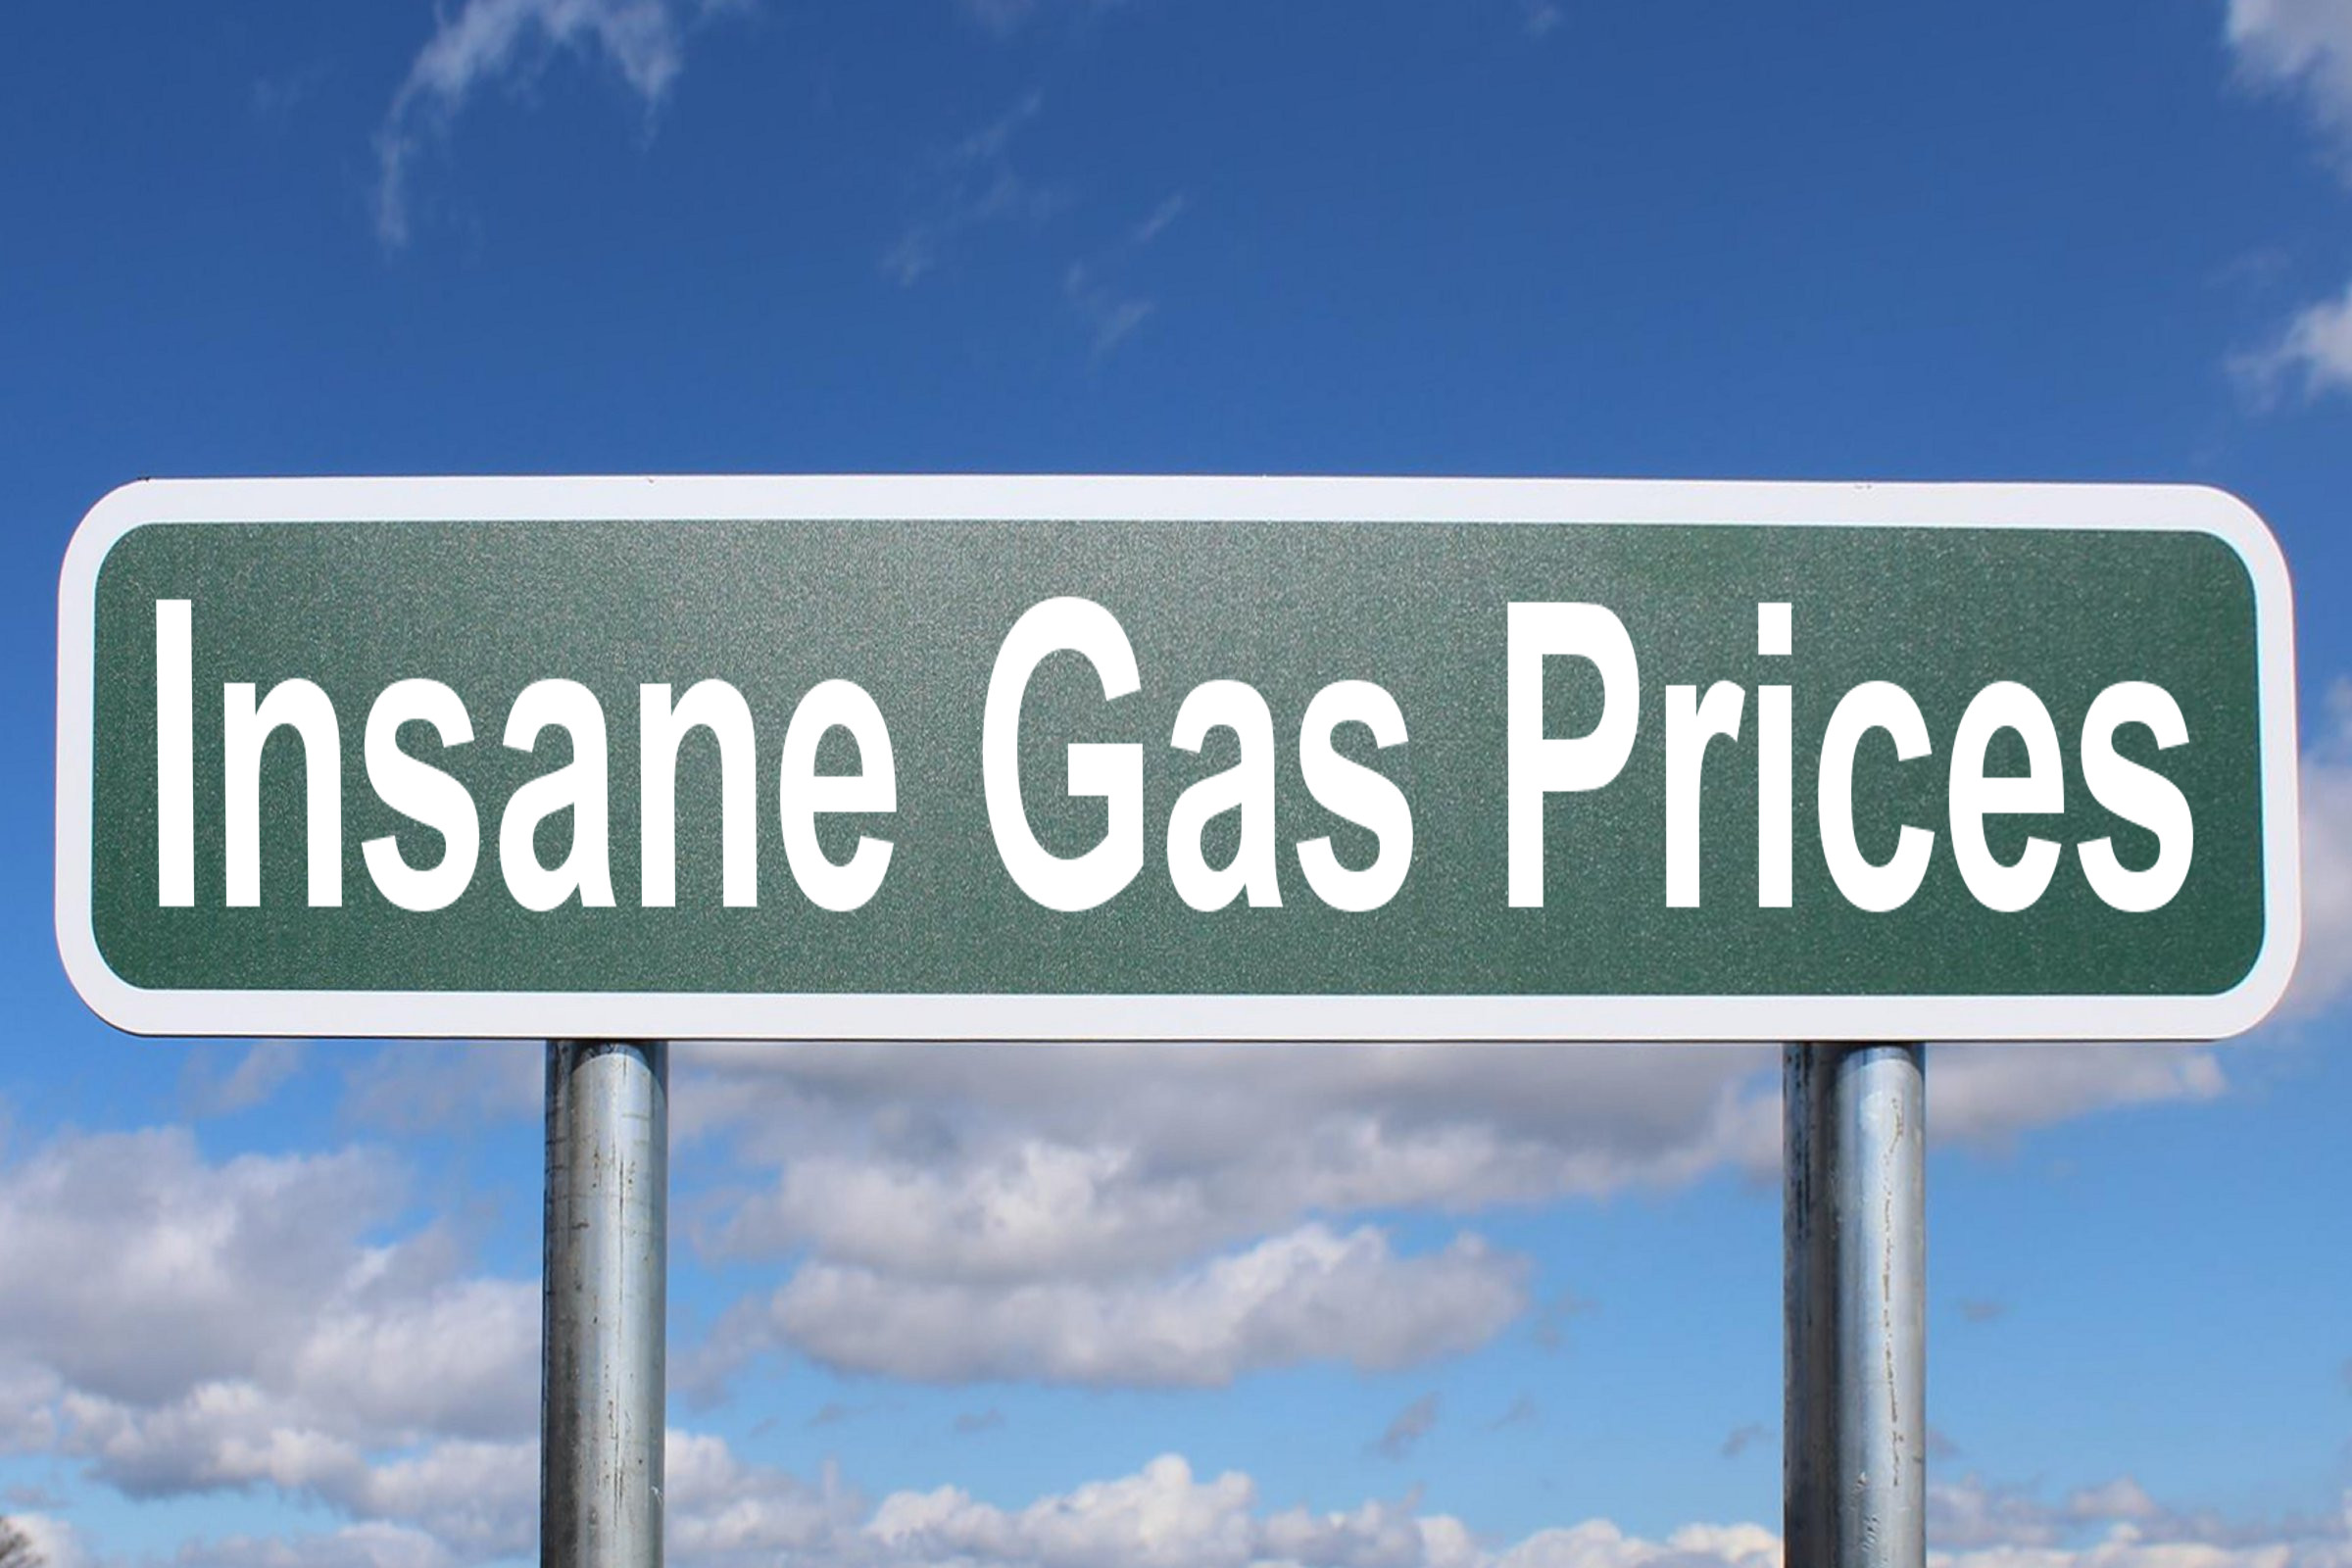 insane gas prices